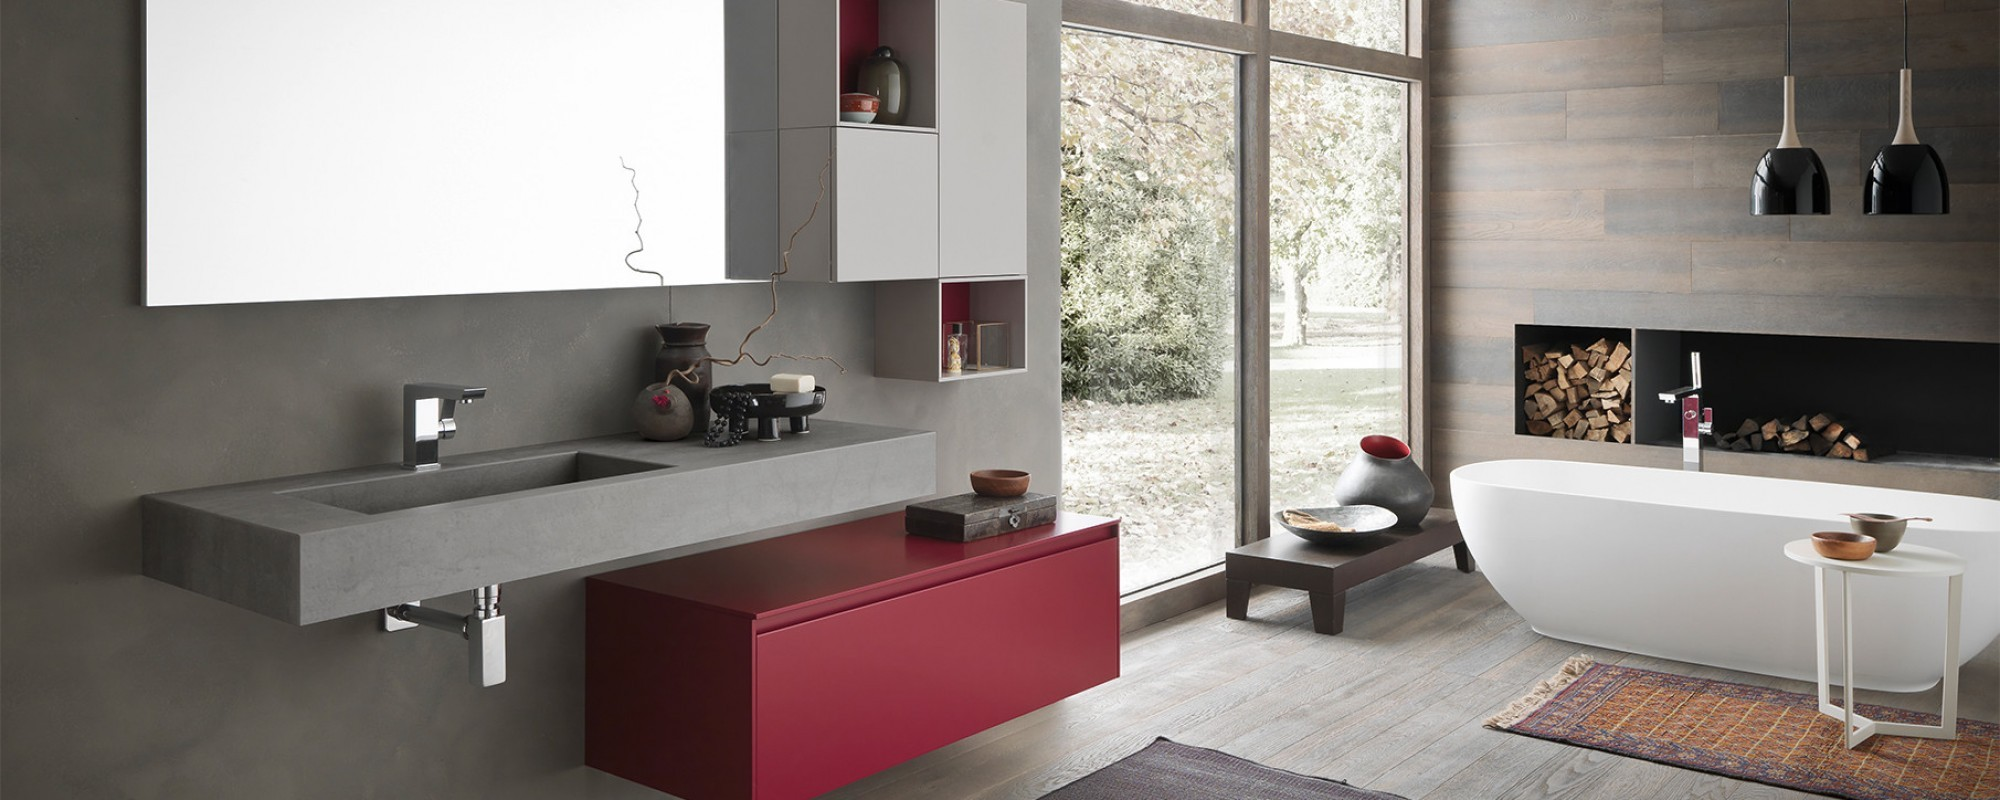 mobili alessandria arredamento e cucine personalizzate ad